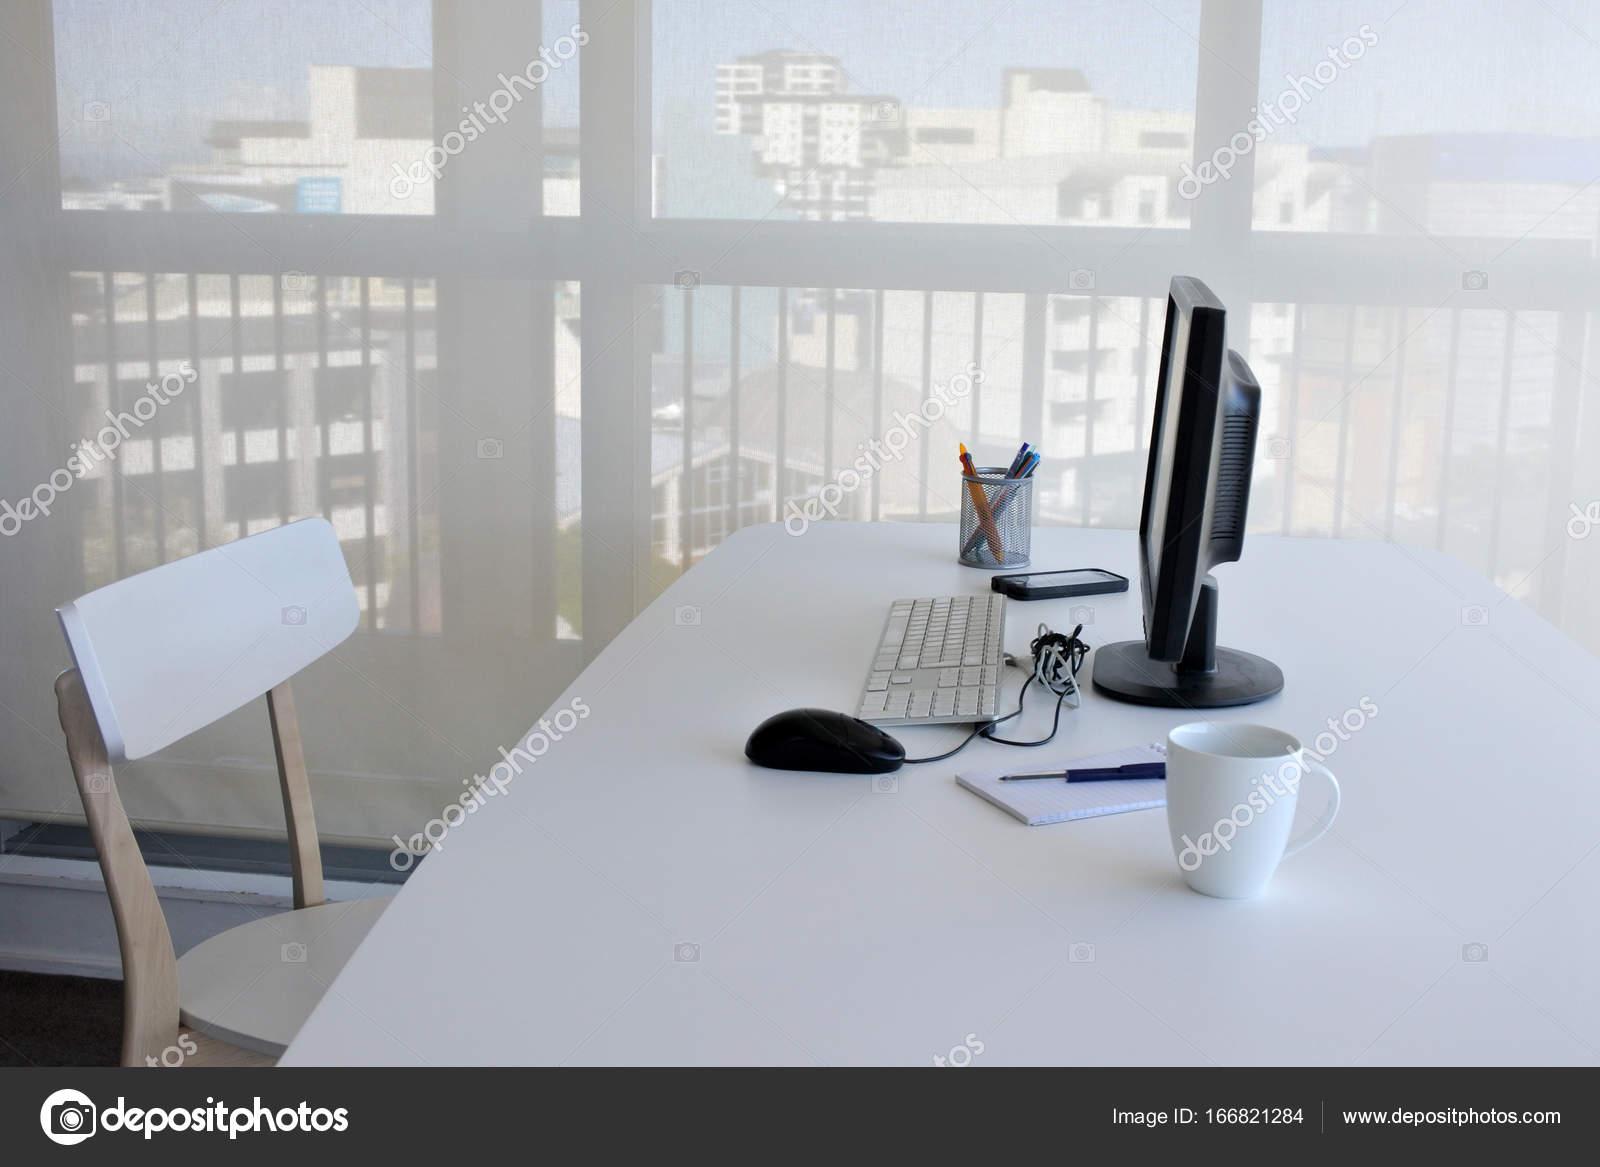 Ufficio In Una Casa : Una vuoto singolo scrivania in ufficio a casa u foto stock